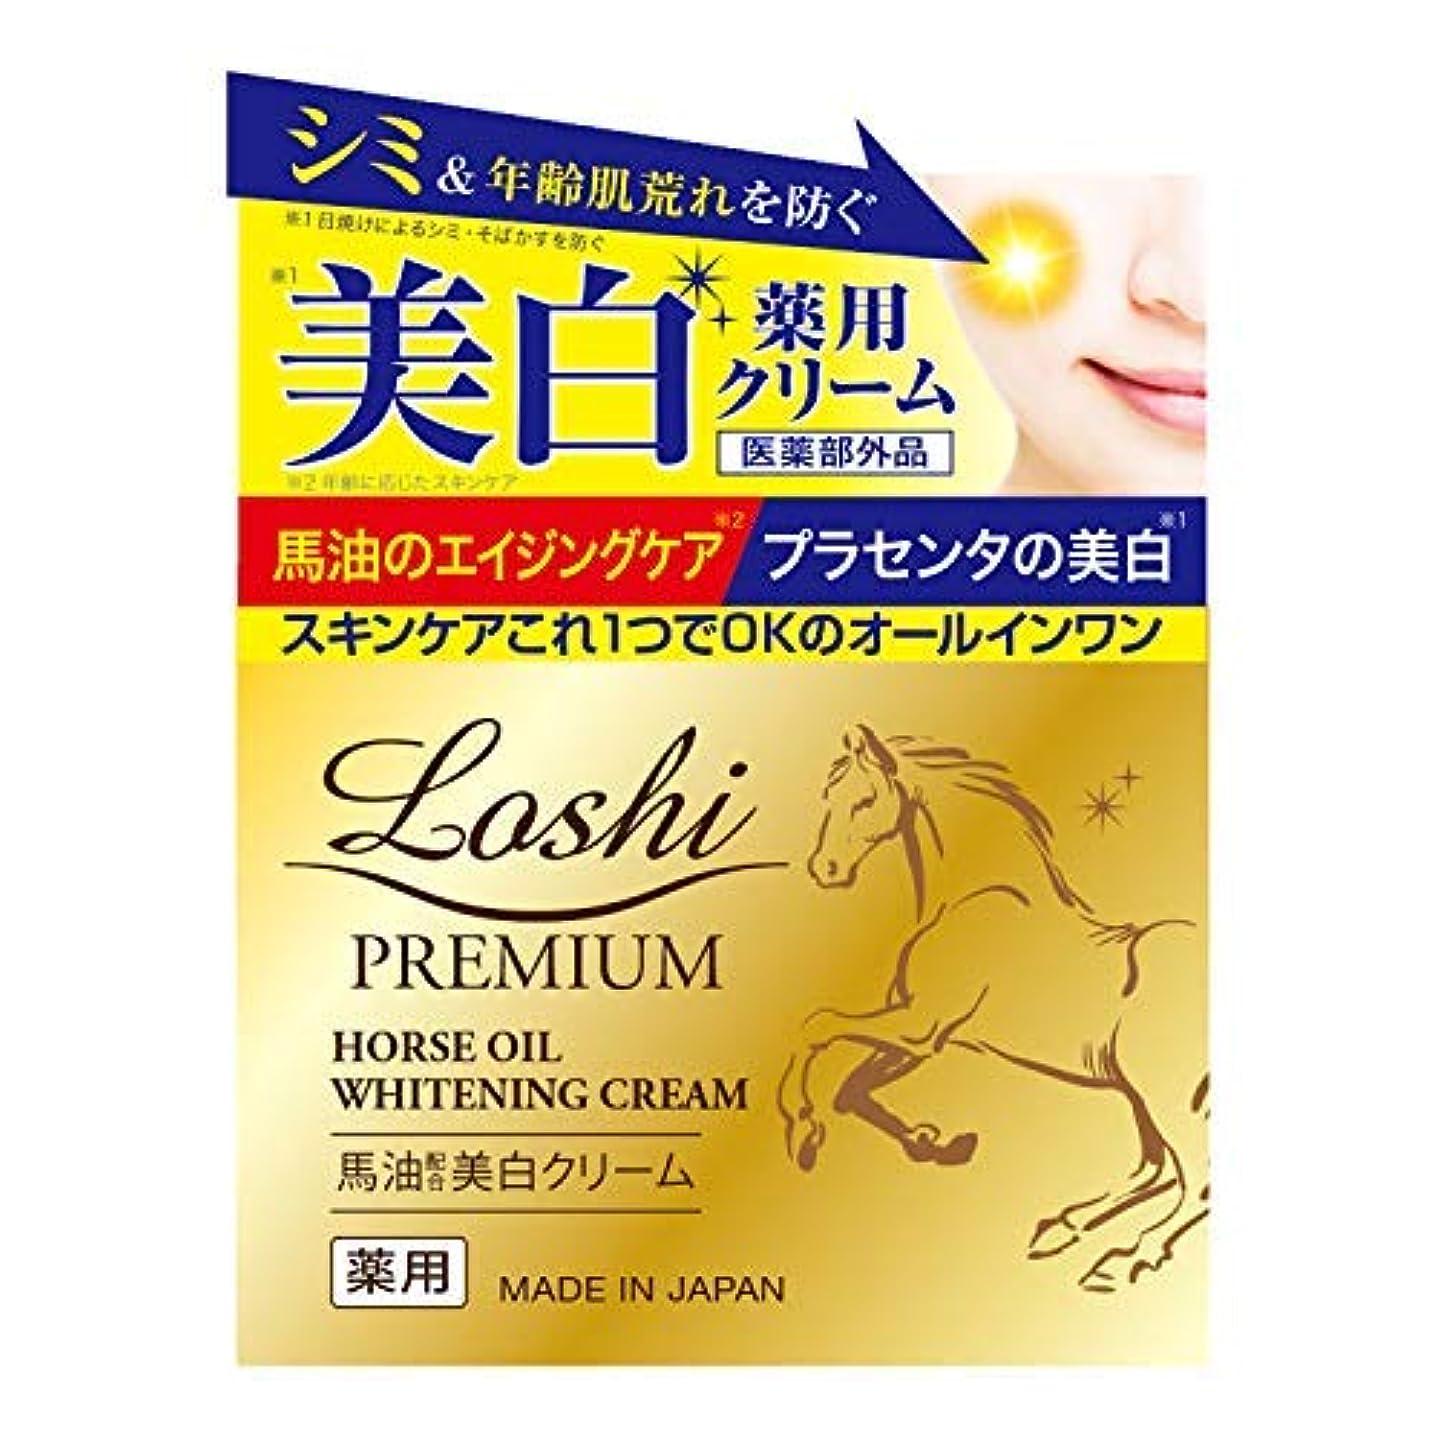 セッティングアレルギーモットーロッシプレミアム 薬用ホワイト馬油配合スキンクリーム × 18個セット